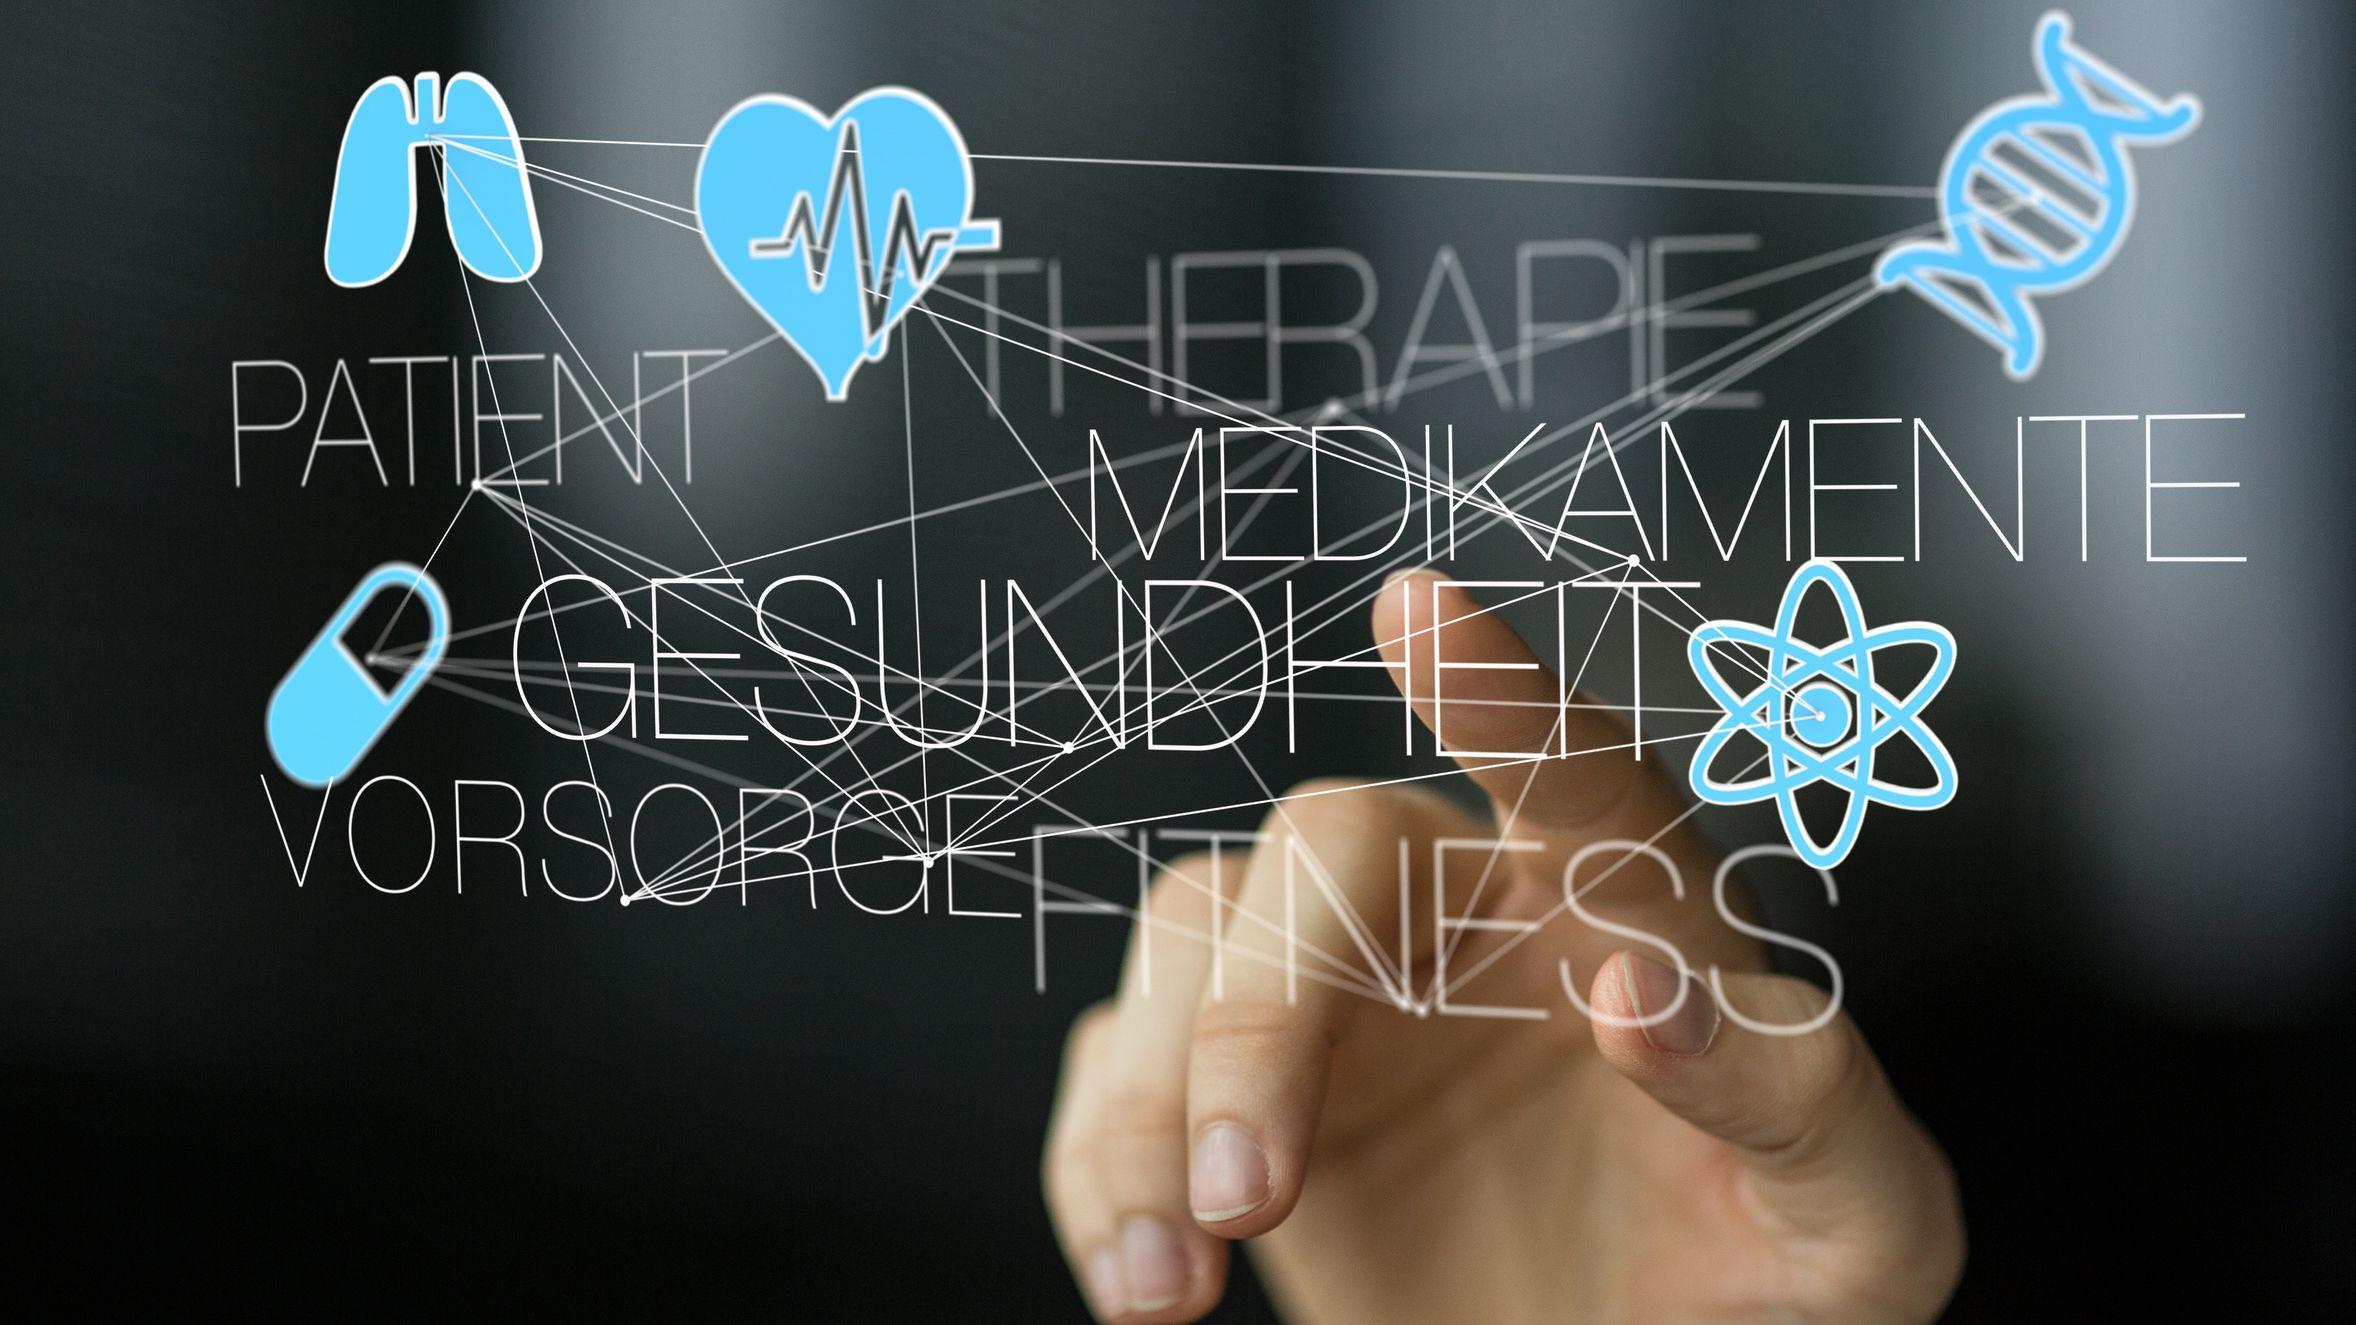 Die elektronische Patientenakte: Fort- oder Rückschritt für die Digitalisierung im Gesundheitswesen?